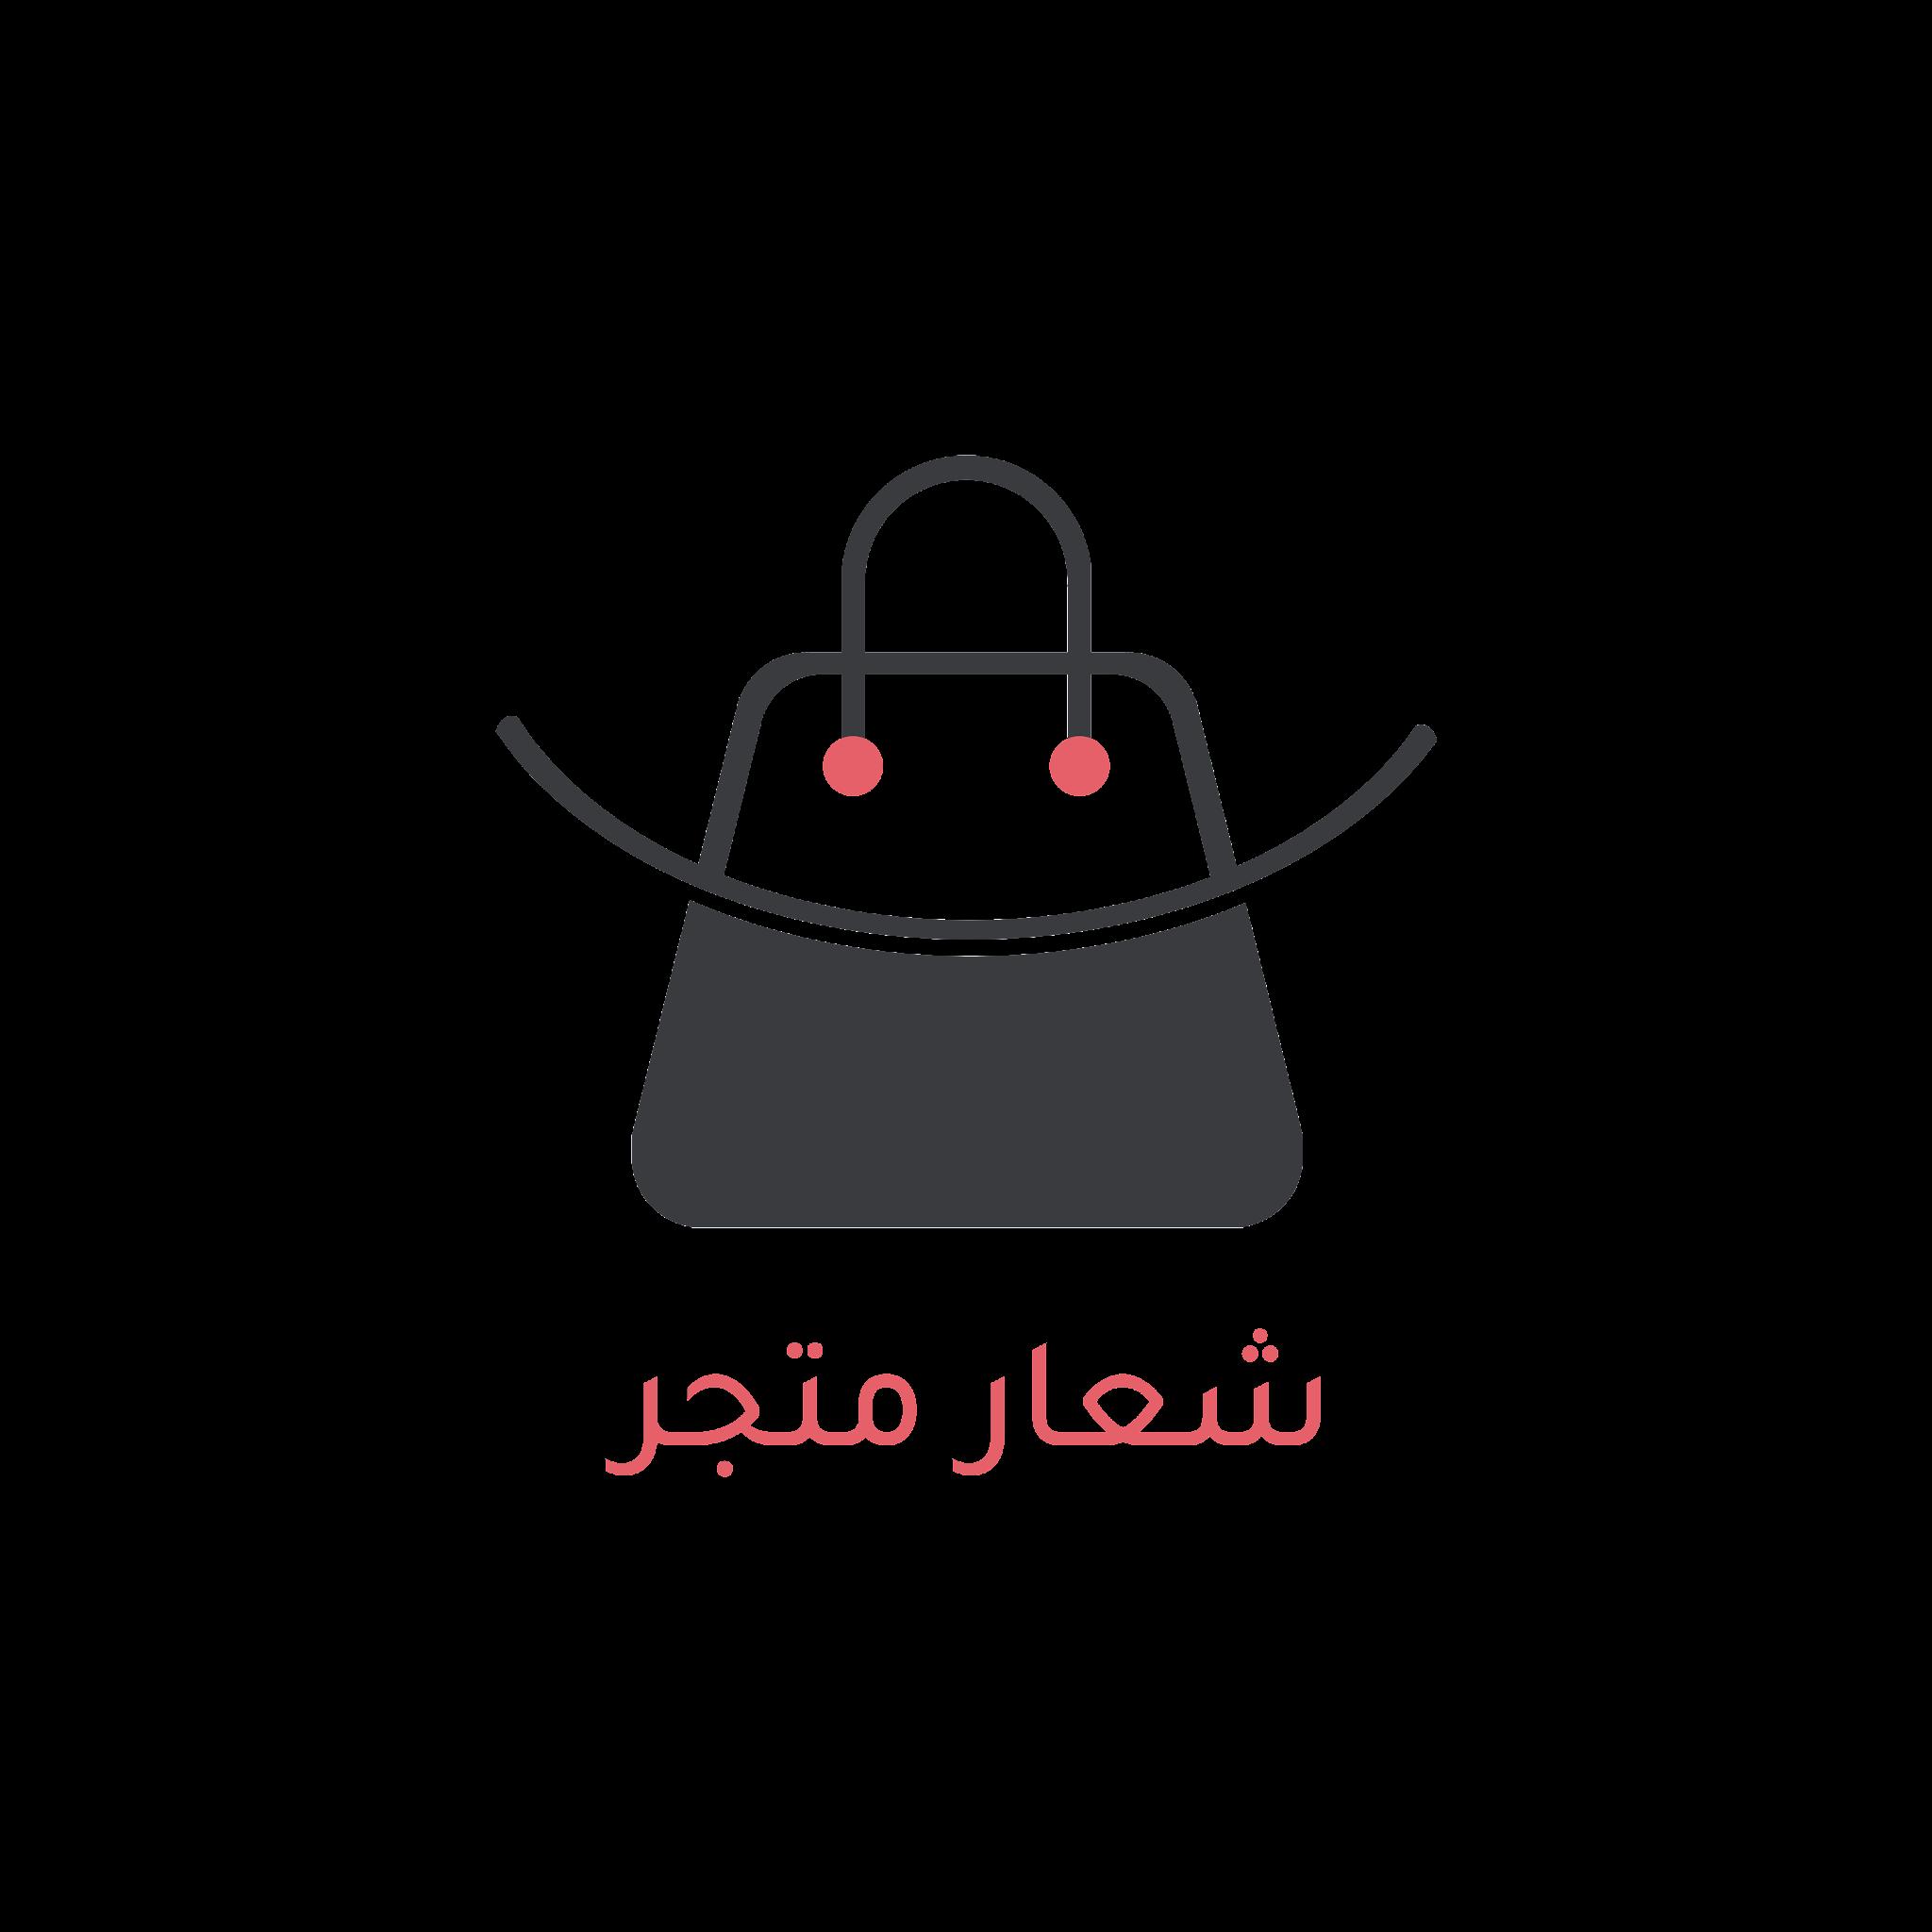 تحميل شعار متجر مجاناً بلا حقوق Store Logo PSD